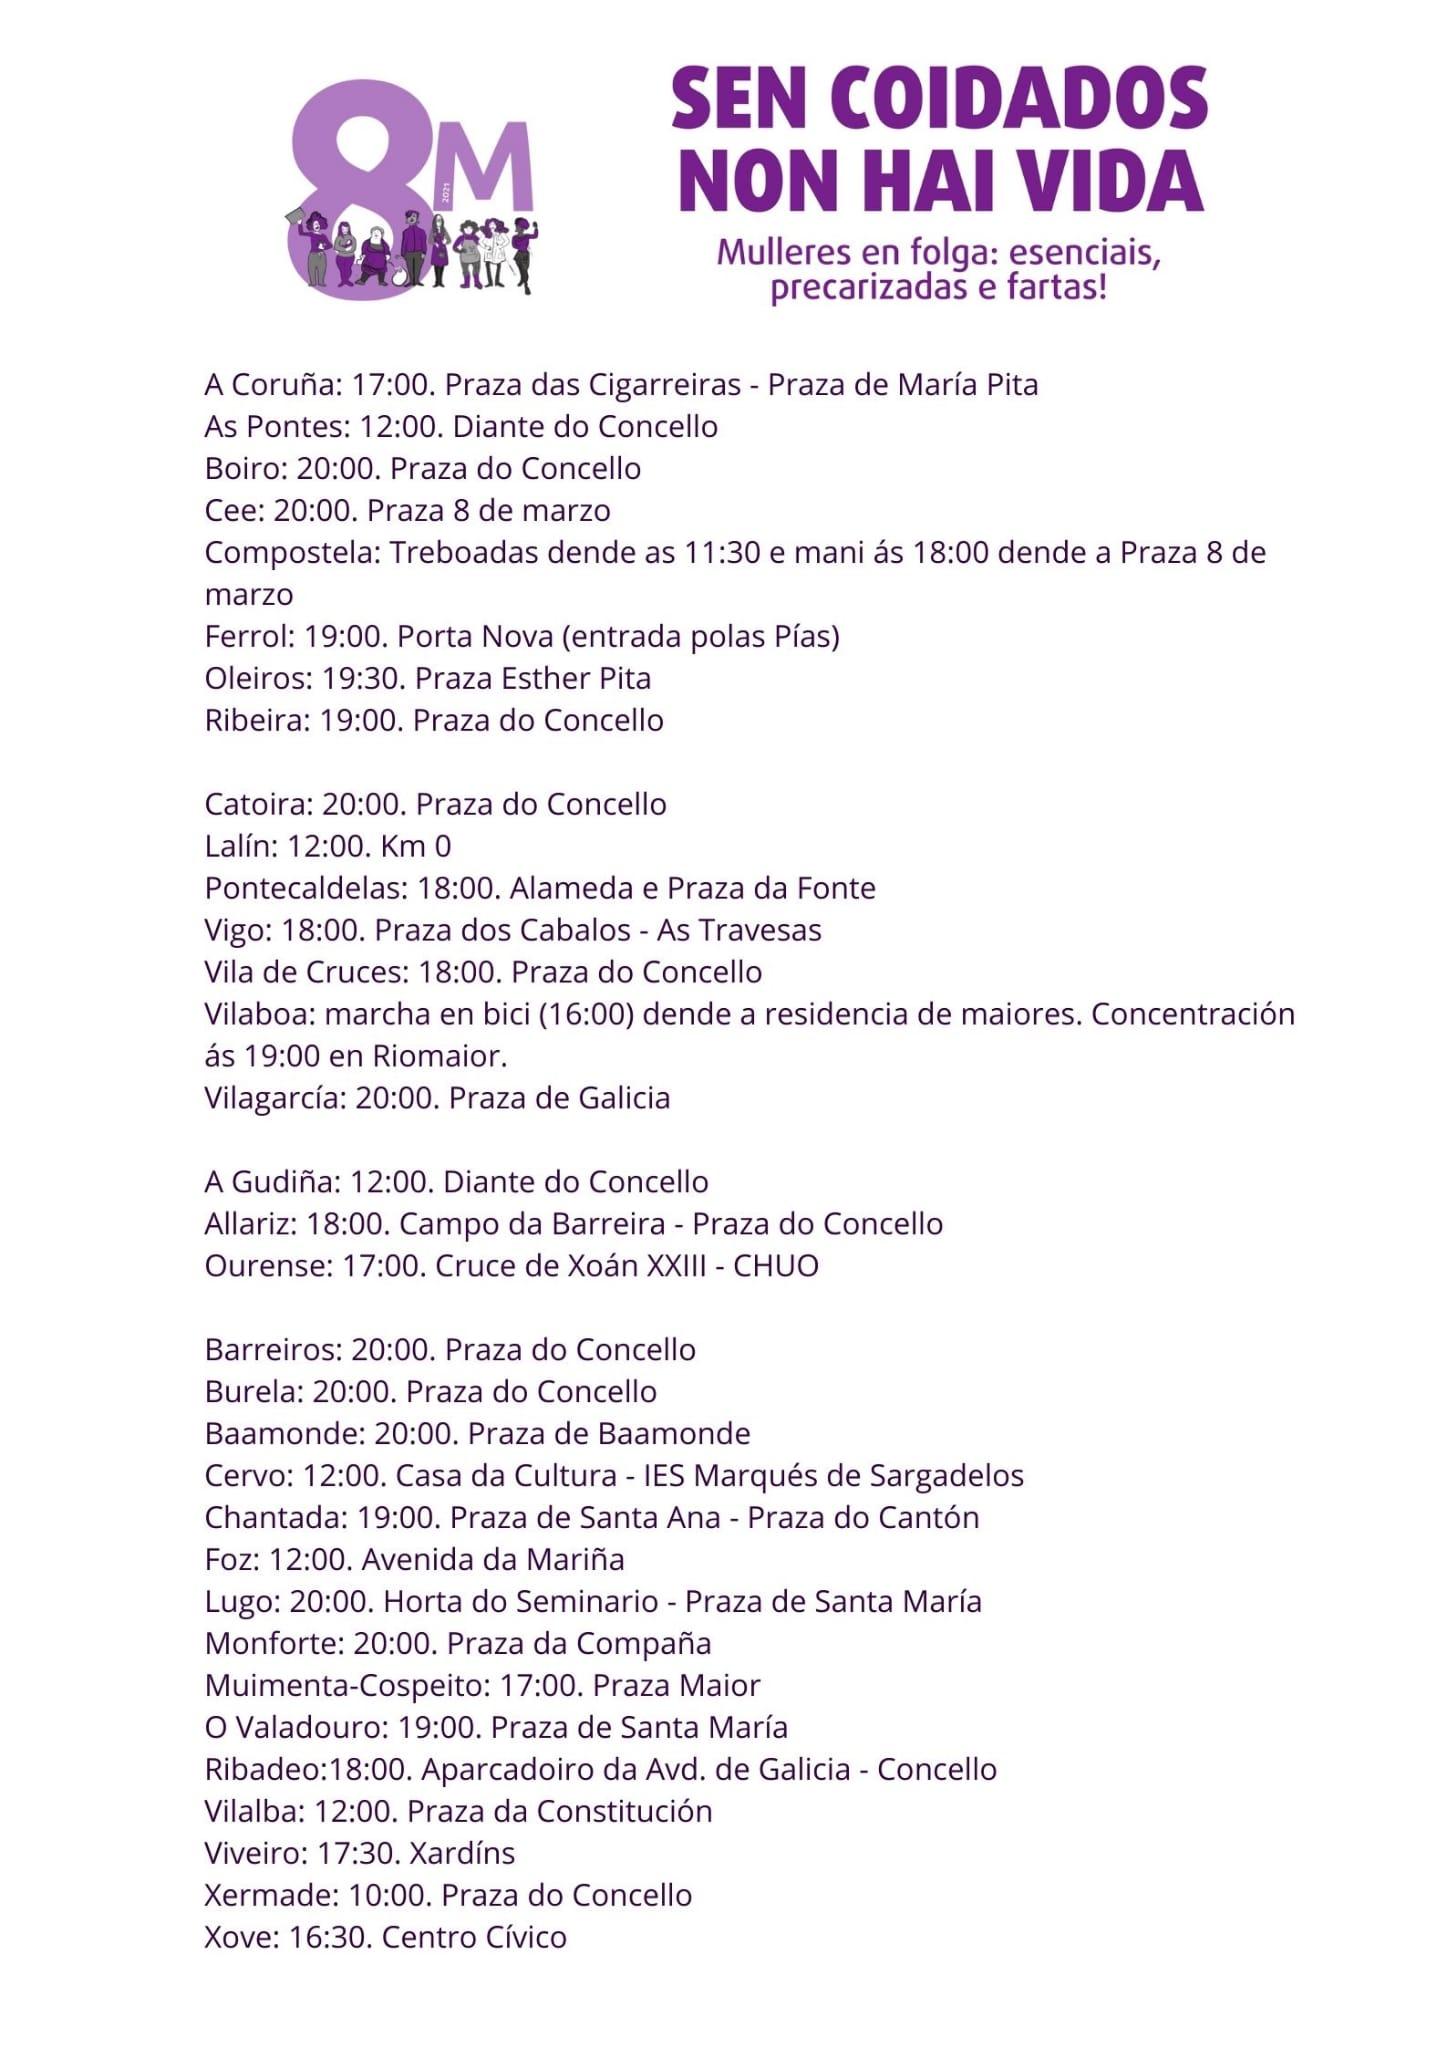 Cartel con las convocatorias de Galegas 8M para este lunes en toda Galicia